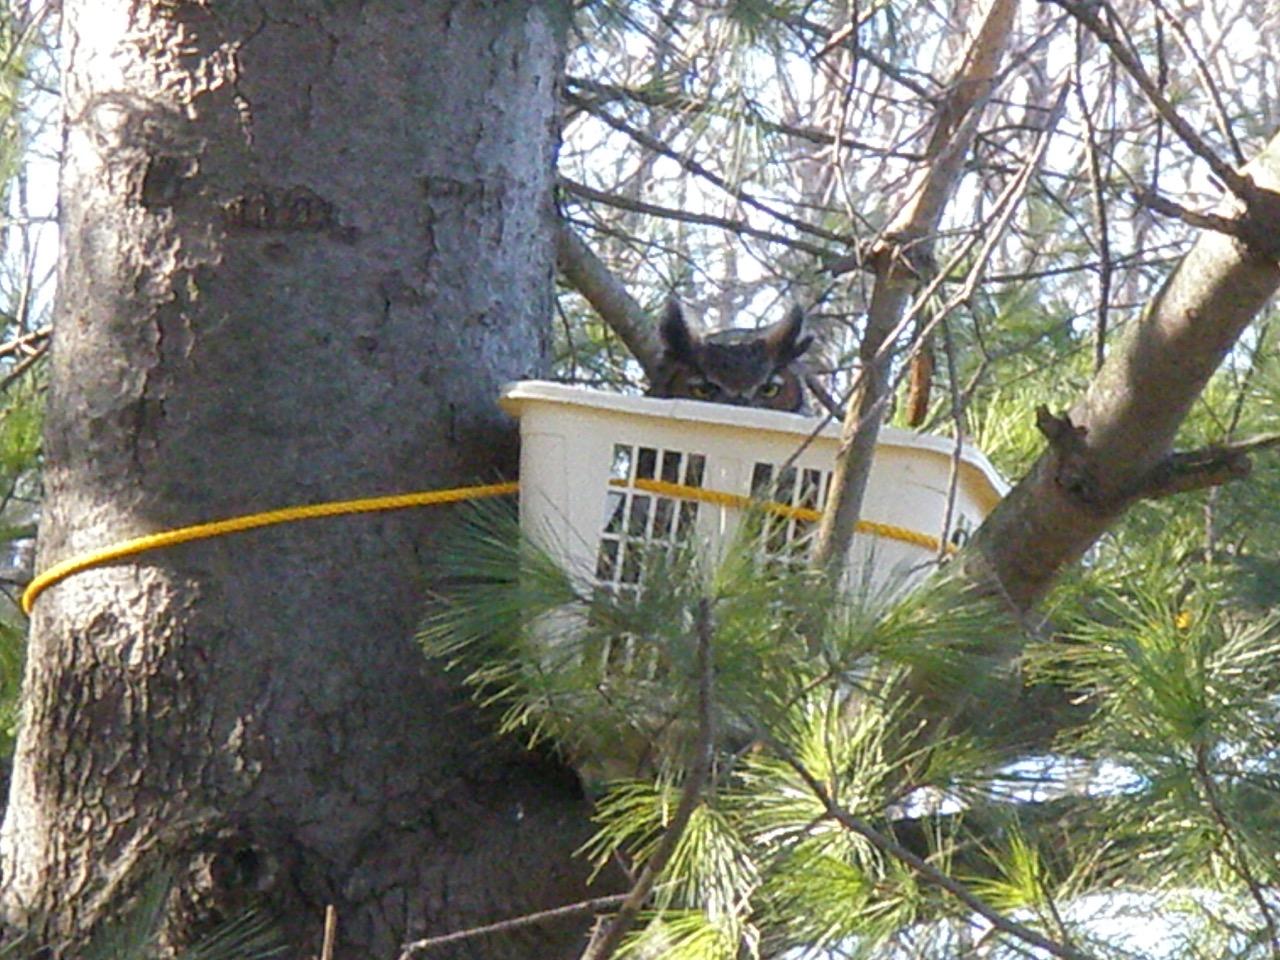 baby owl wildlife rehabilitation valparaiso indiana